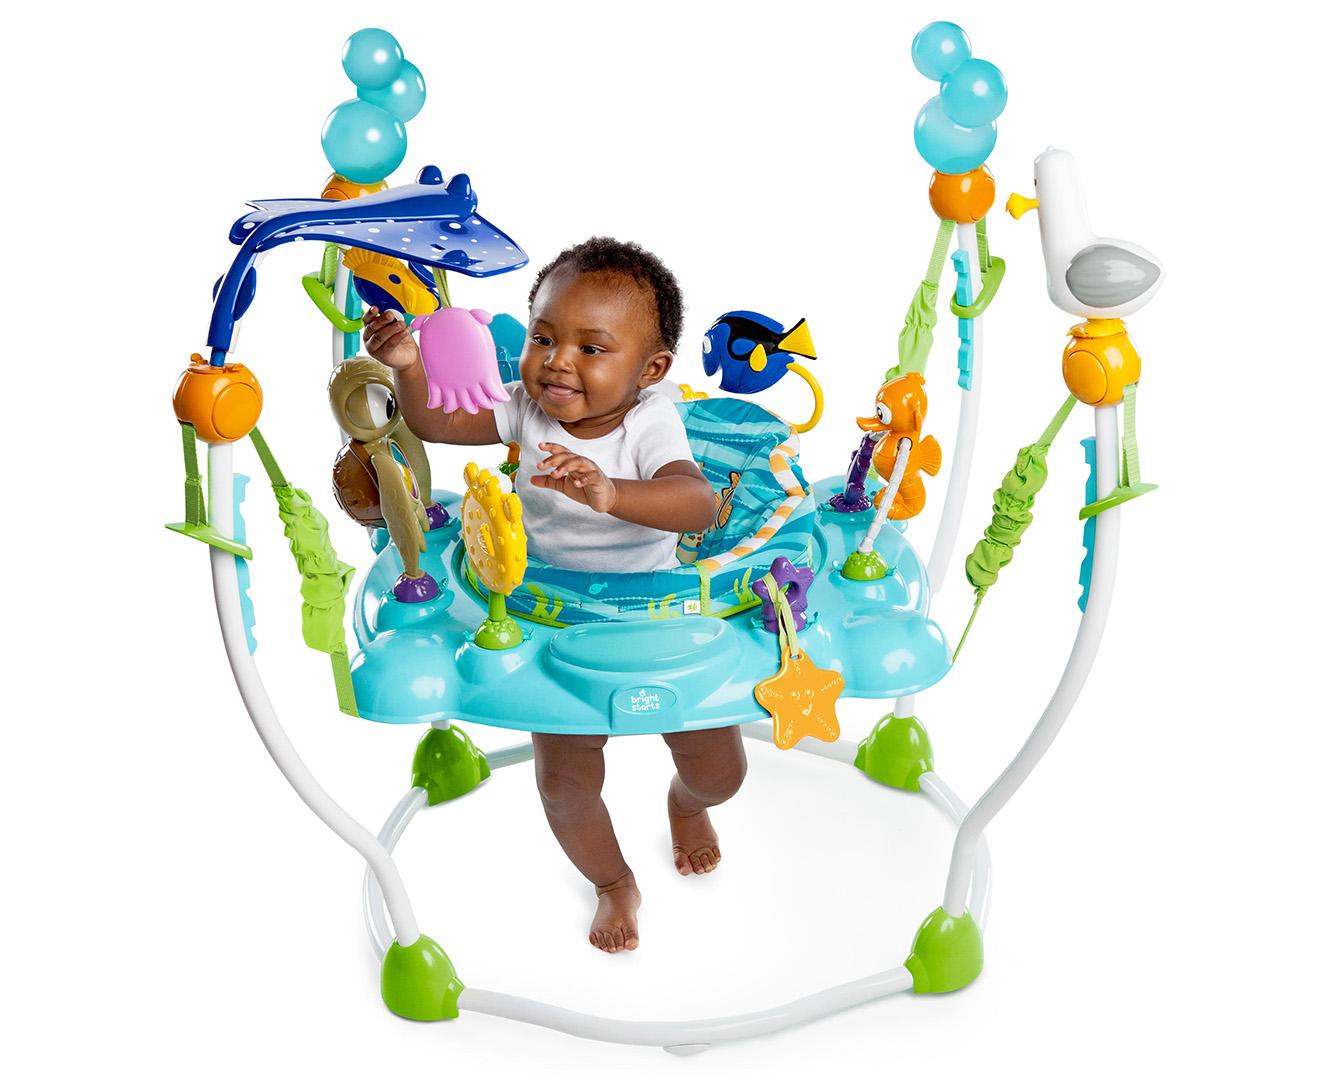 Finding Nemo Sea Of Activities Jumper 74451607019 Ebay